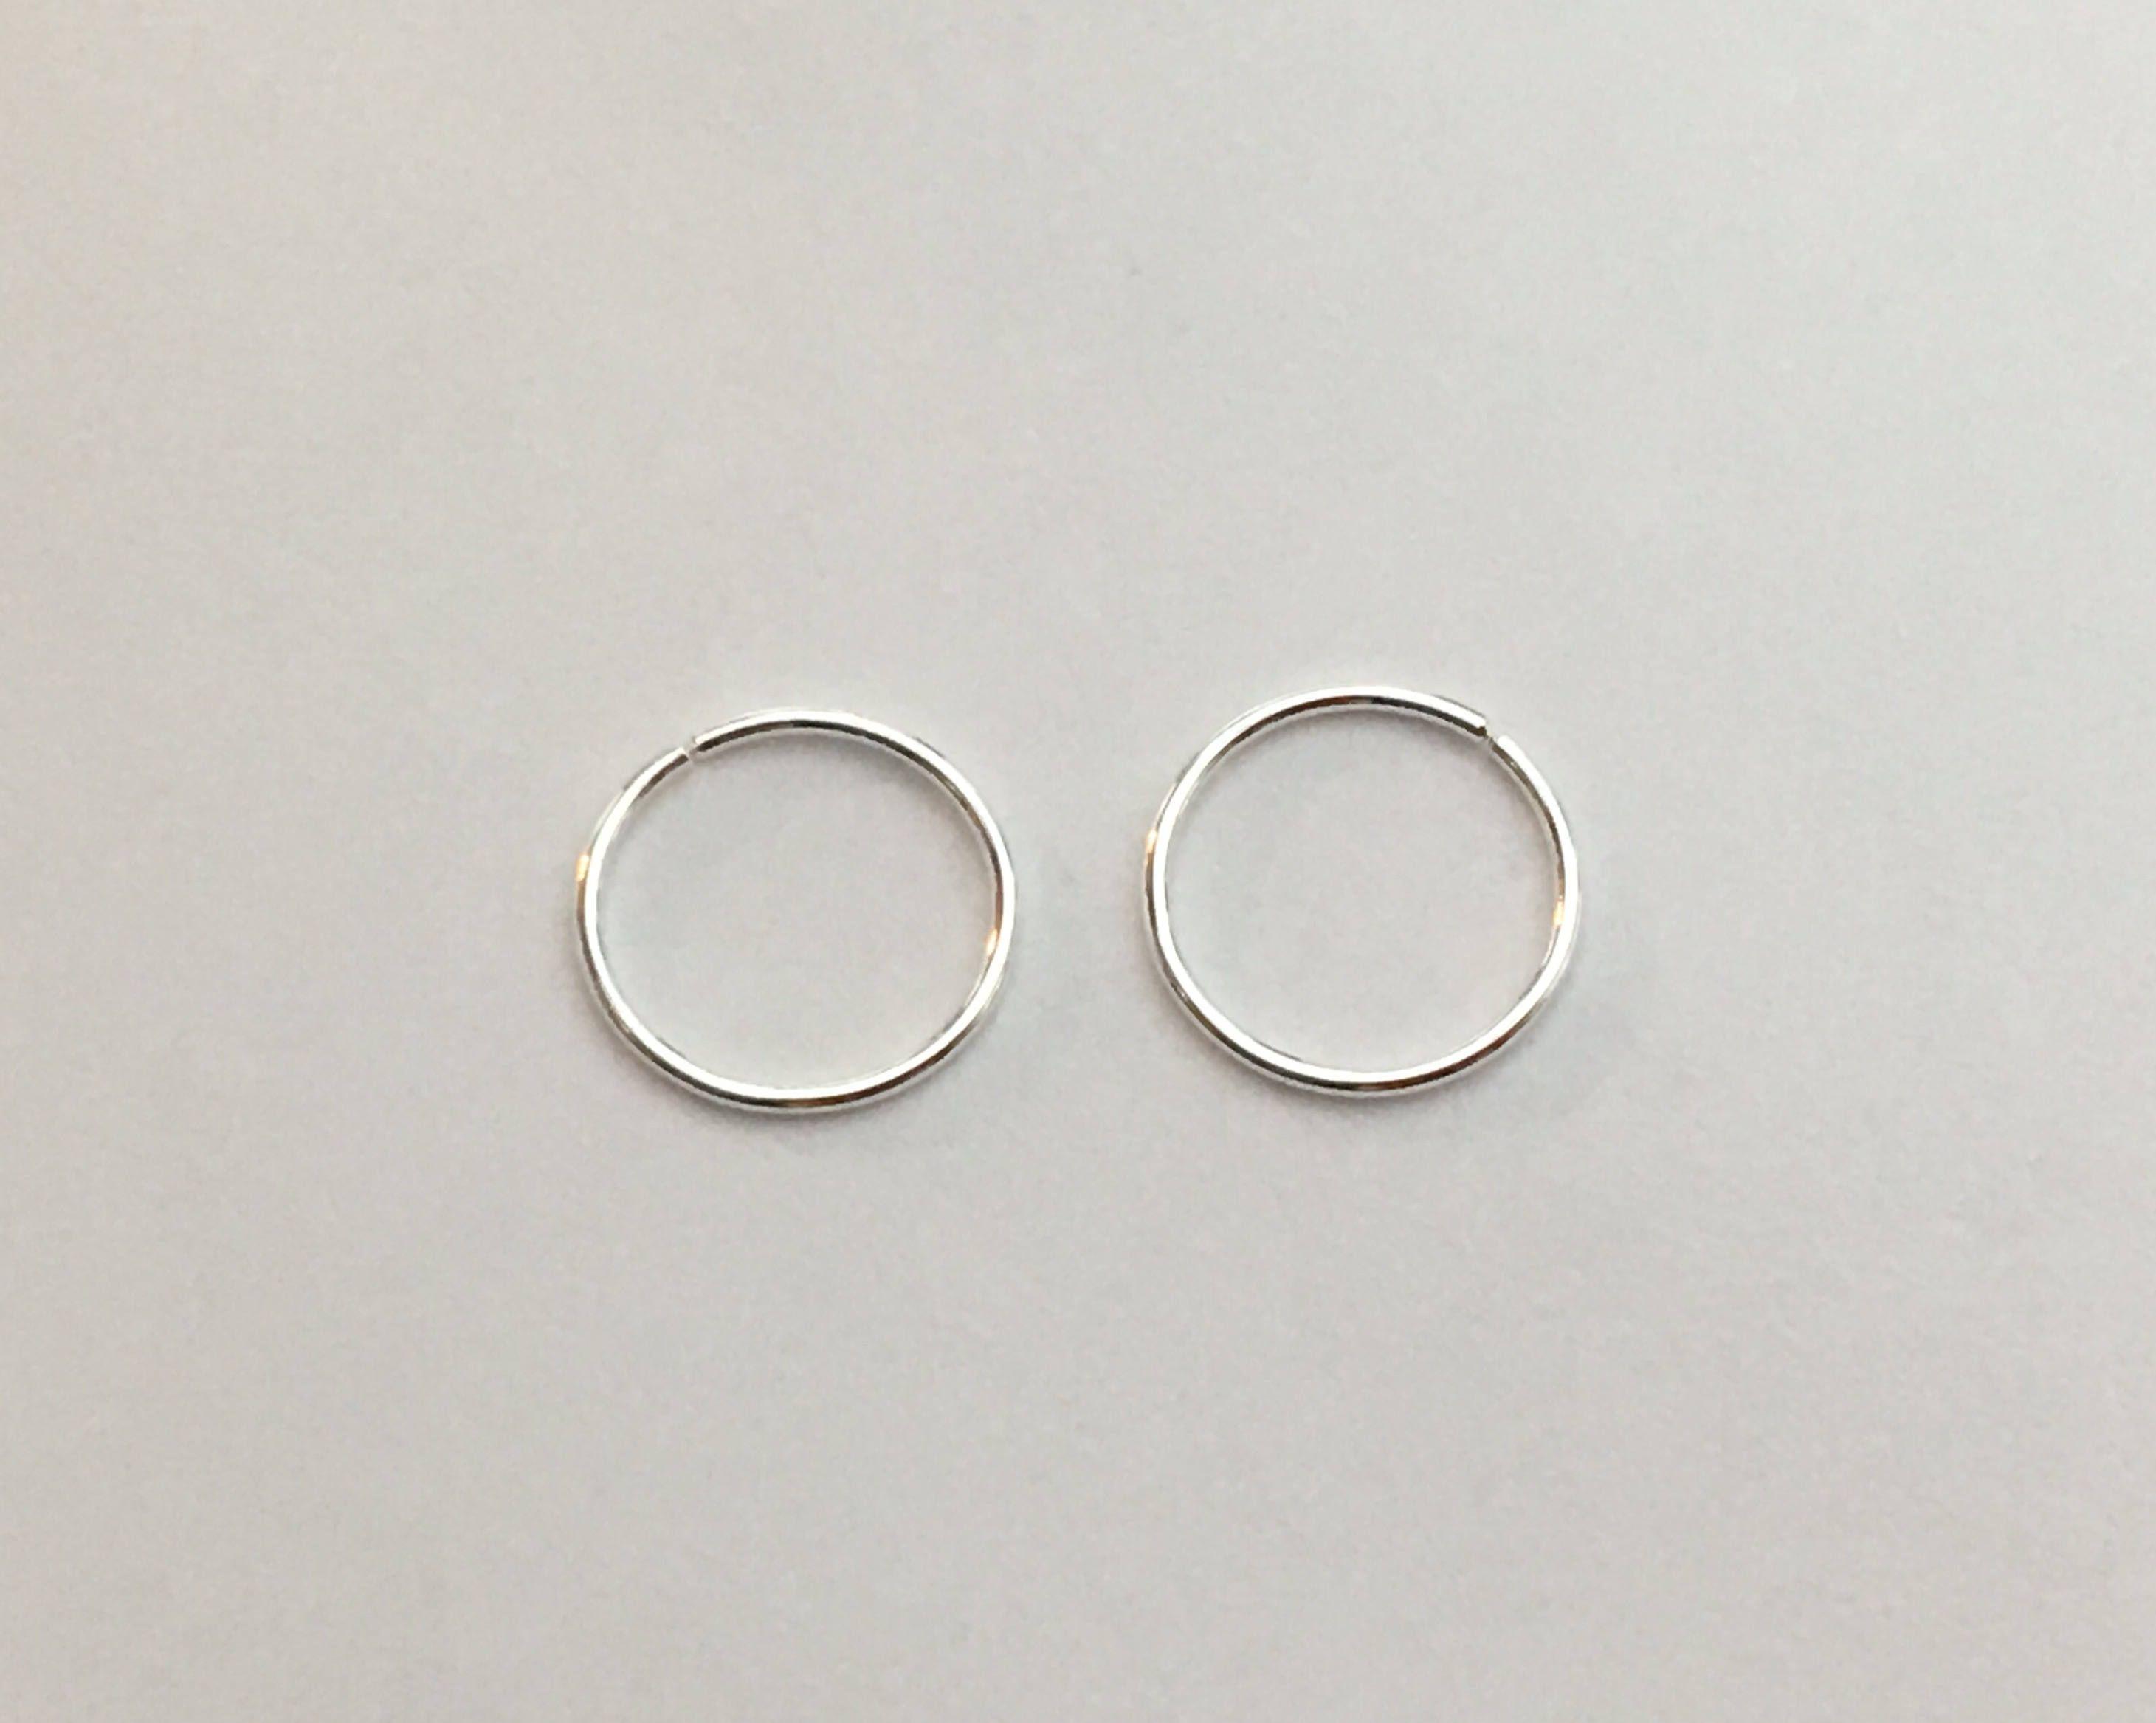 Set Of 2 Sterling Silver Snug Hoop Earrings Dainty Rook Cartilage Tragu Hex Nose Ring 24 Gauge Body Piercing Jewelry By Chikojewel On Etsy